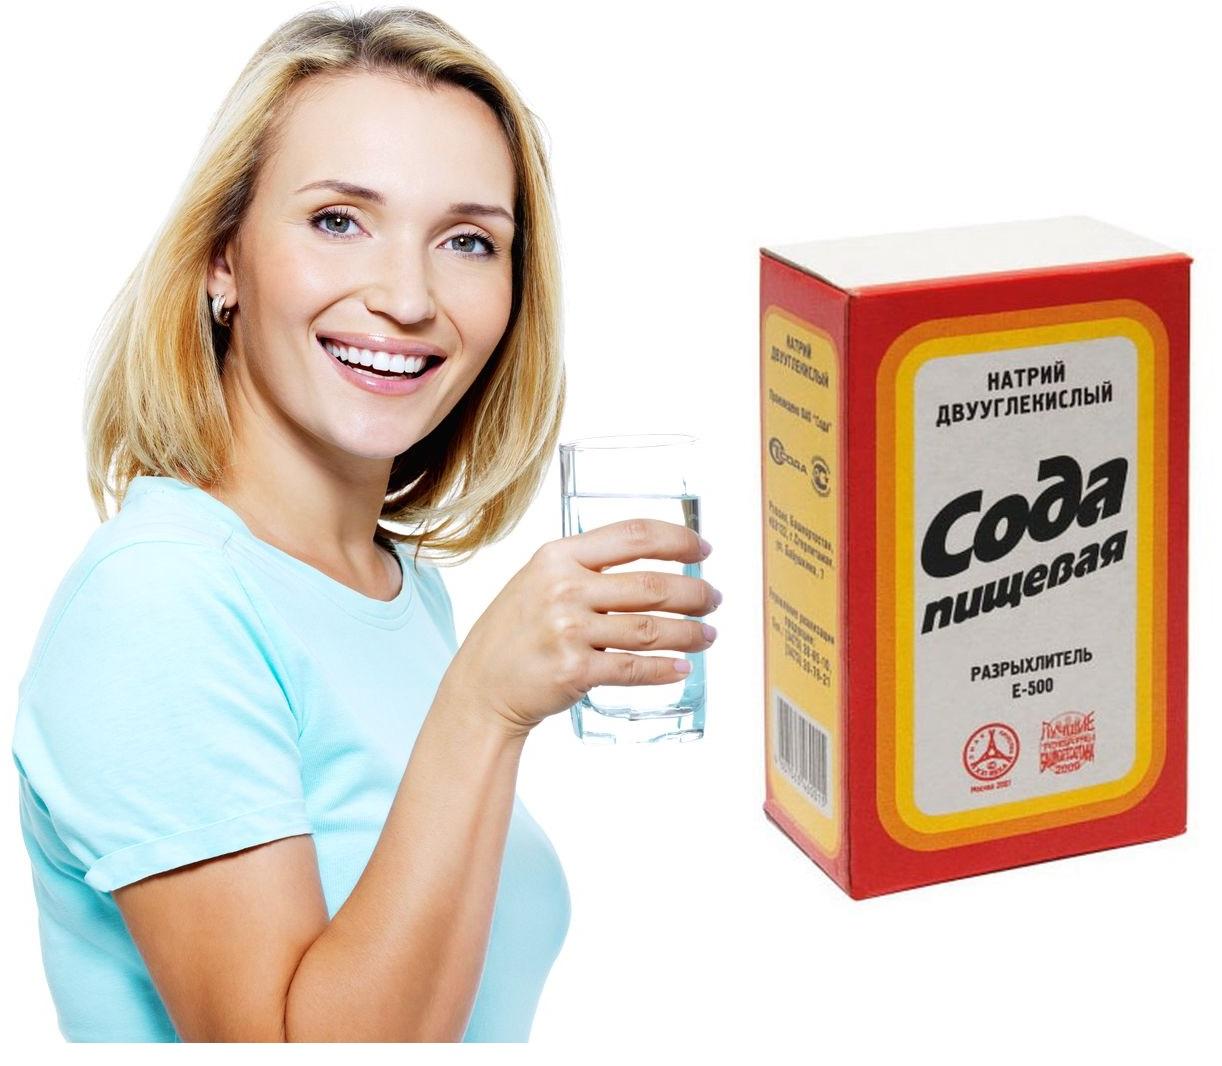 леченип рака содой отзывы кто пробовал если мужчины относятся